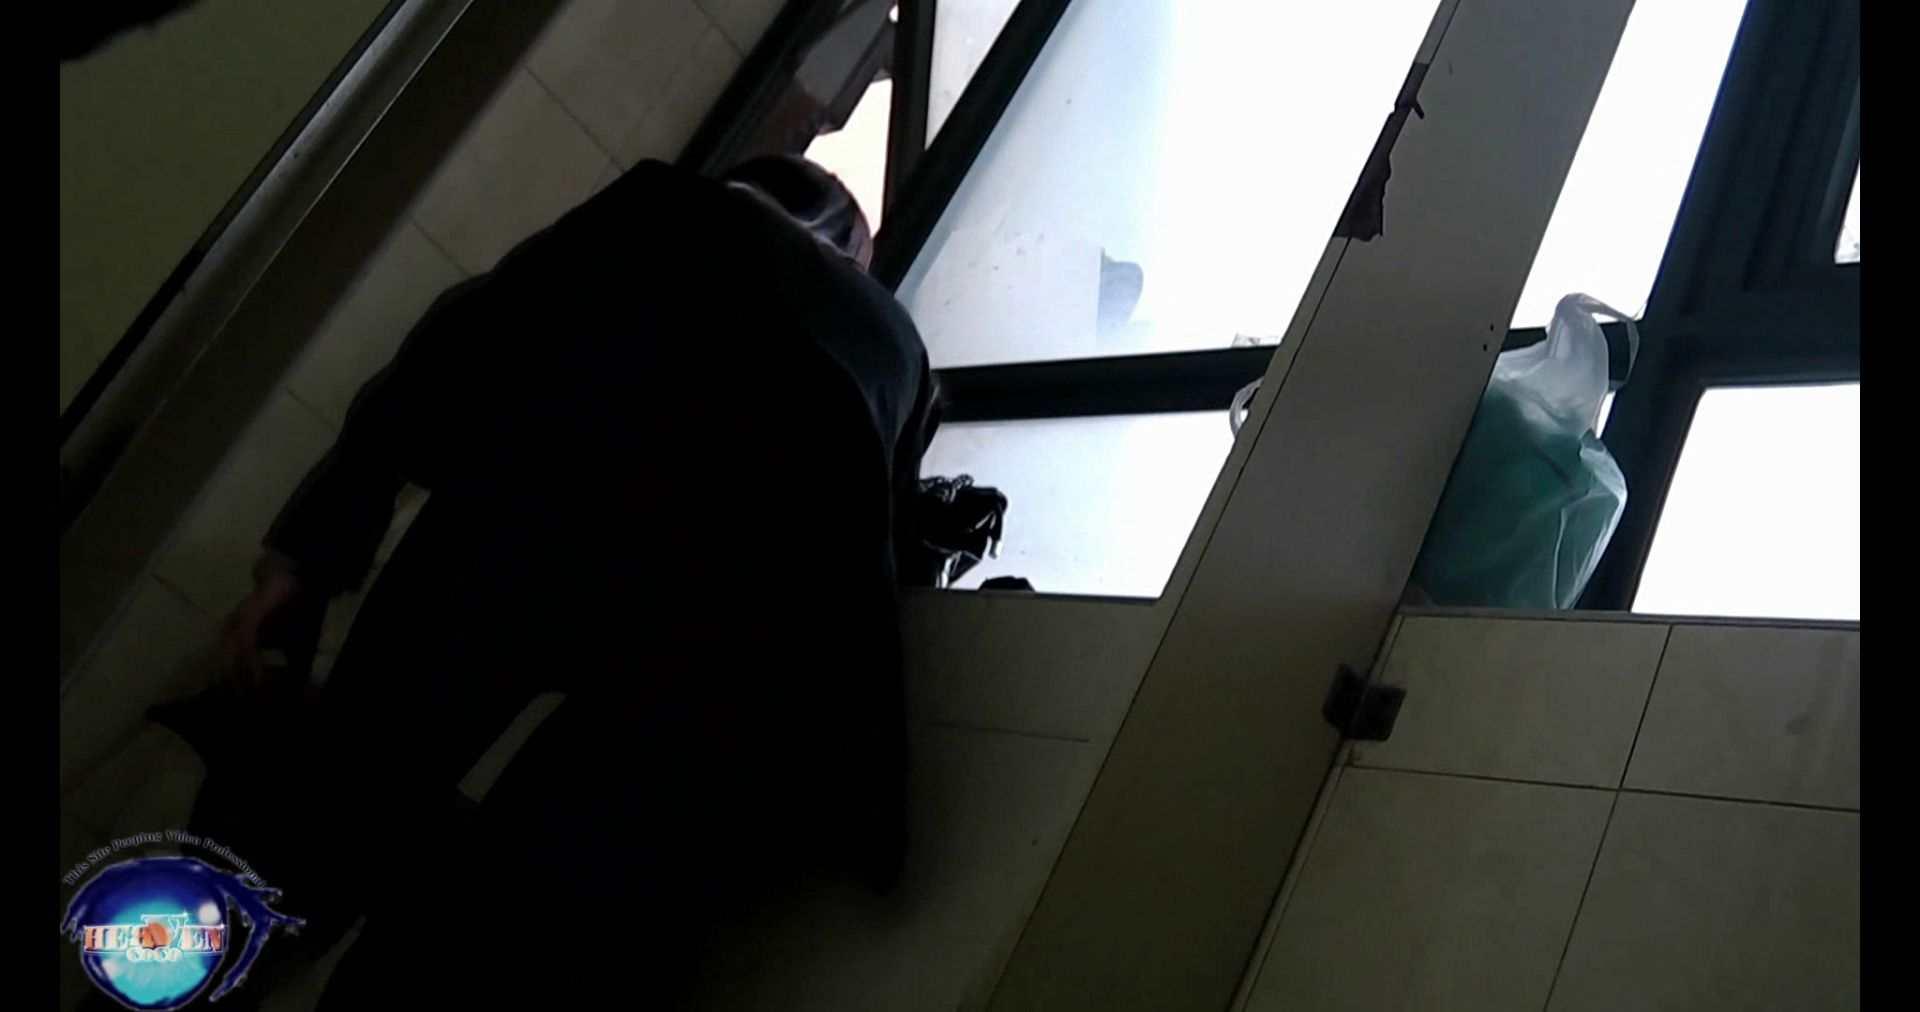 世界の射窓から~ステーション編~vol.34 無料動画のモデルつい本番登場Ⅱやっぱり違います 本番 | OLのエロ生活  96連発 40